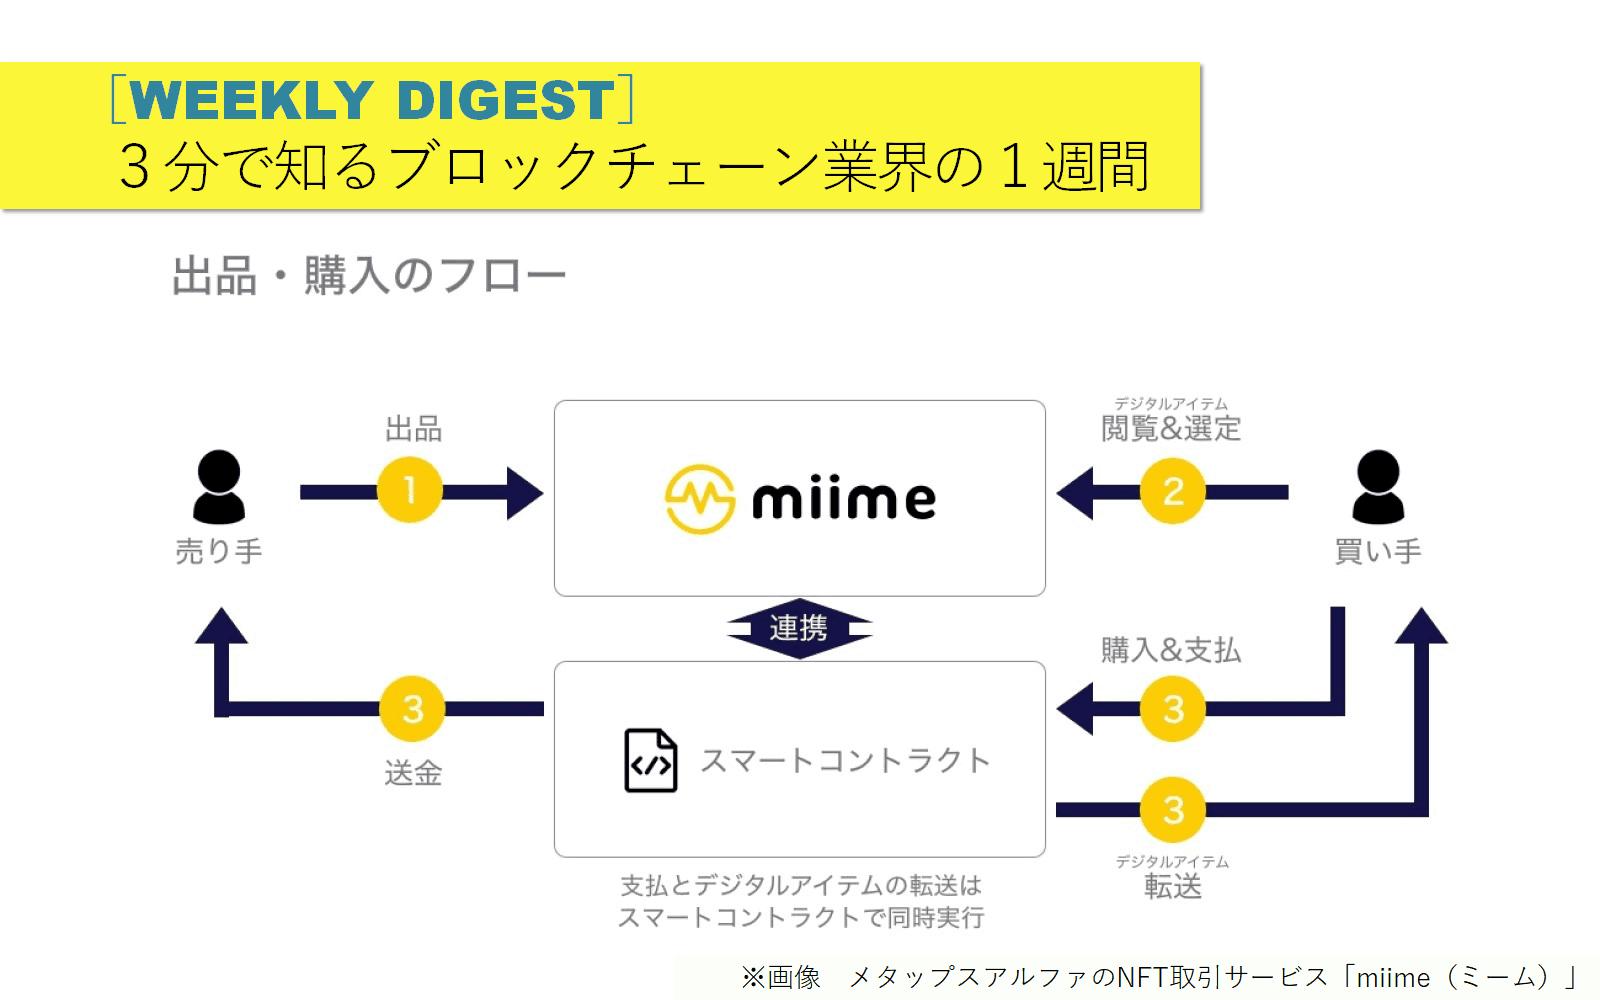 3分で知るブロックチェーン業界の1週間[9/2-9/8]LINE取引所へ前進/NFT取引所「miime」/博報堂DYがDApps市場拡大へ/ほか